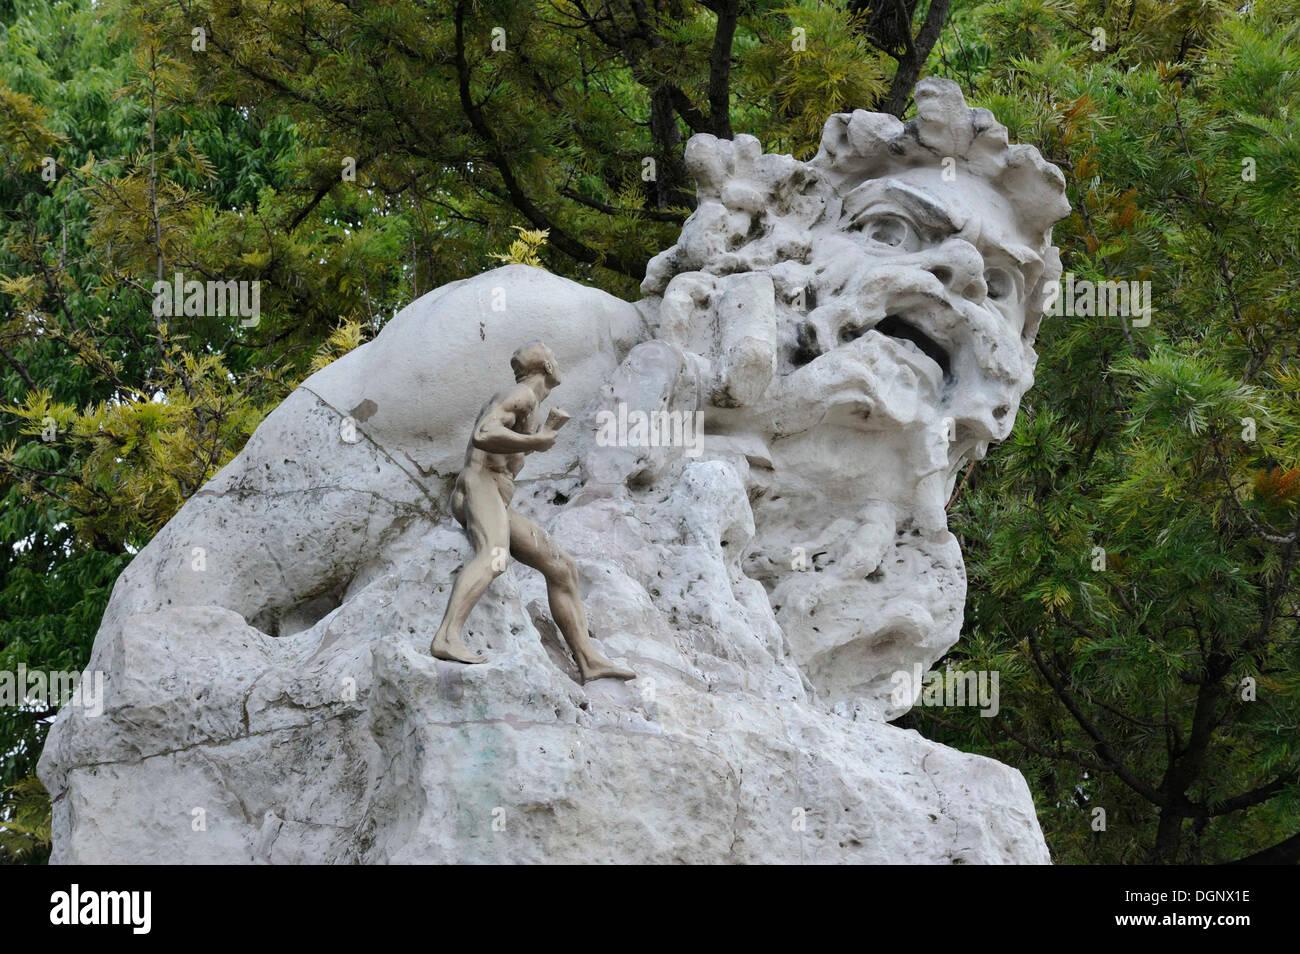 Une mer mythique Adamastor, monstre de la poèmes de Luis Camoes, Lousiaden, sculpture par Júlio Vaz Júnior Banque D'Images